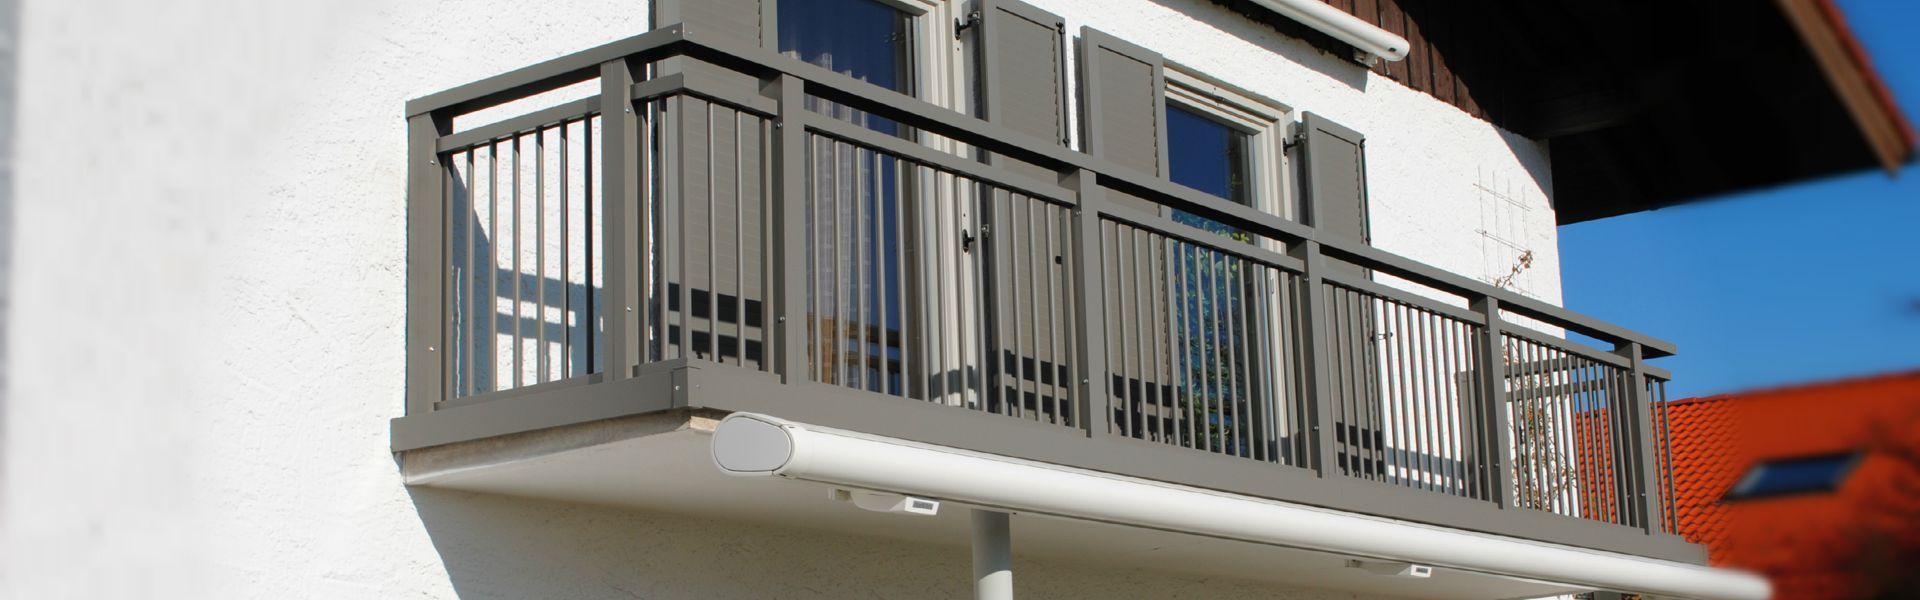 Sehr Brenter Balkone - Alu-, Holz-, Glas- und Edelstahlgeländer direkt KI54